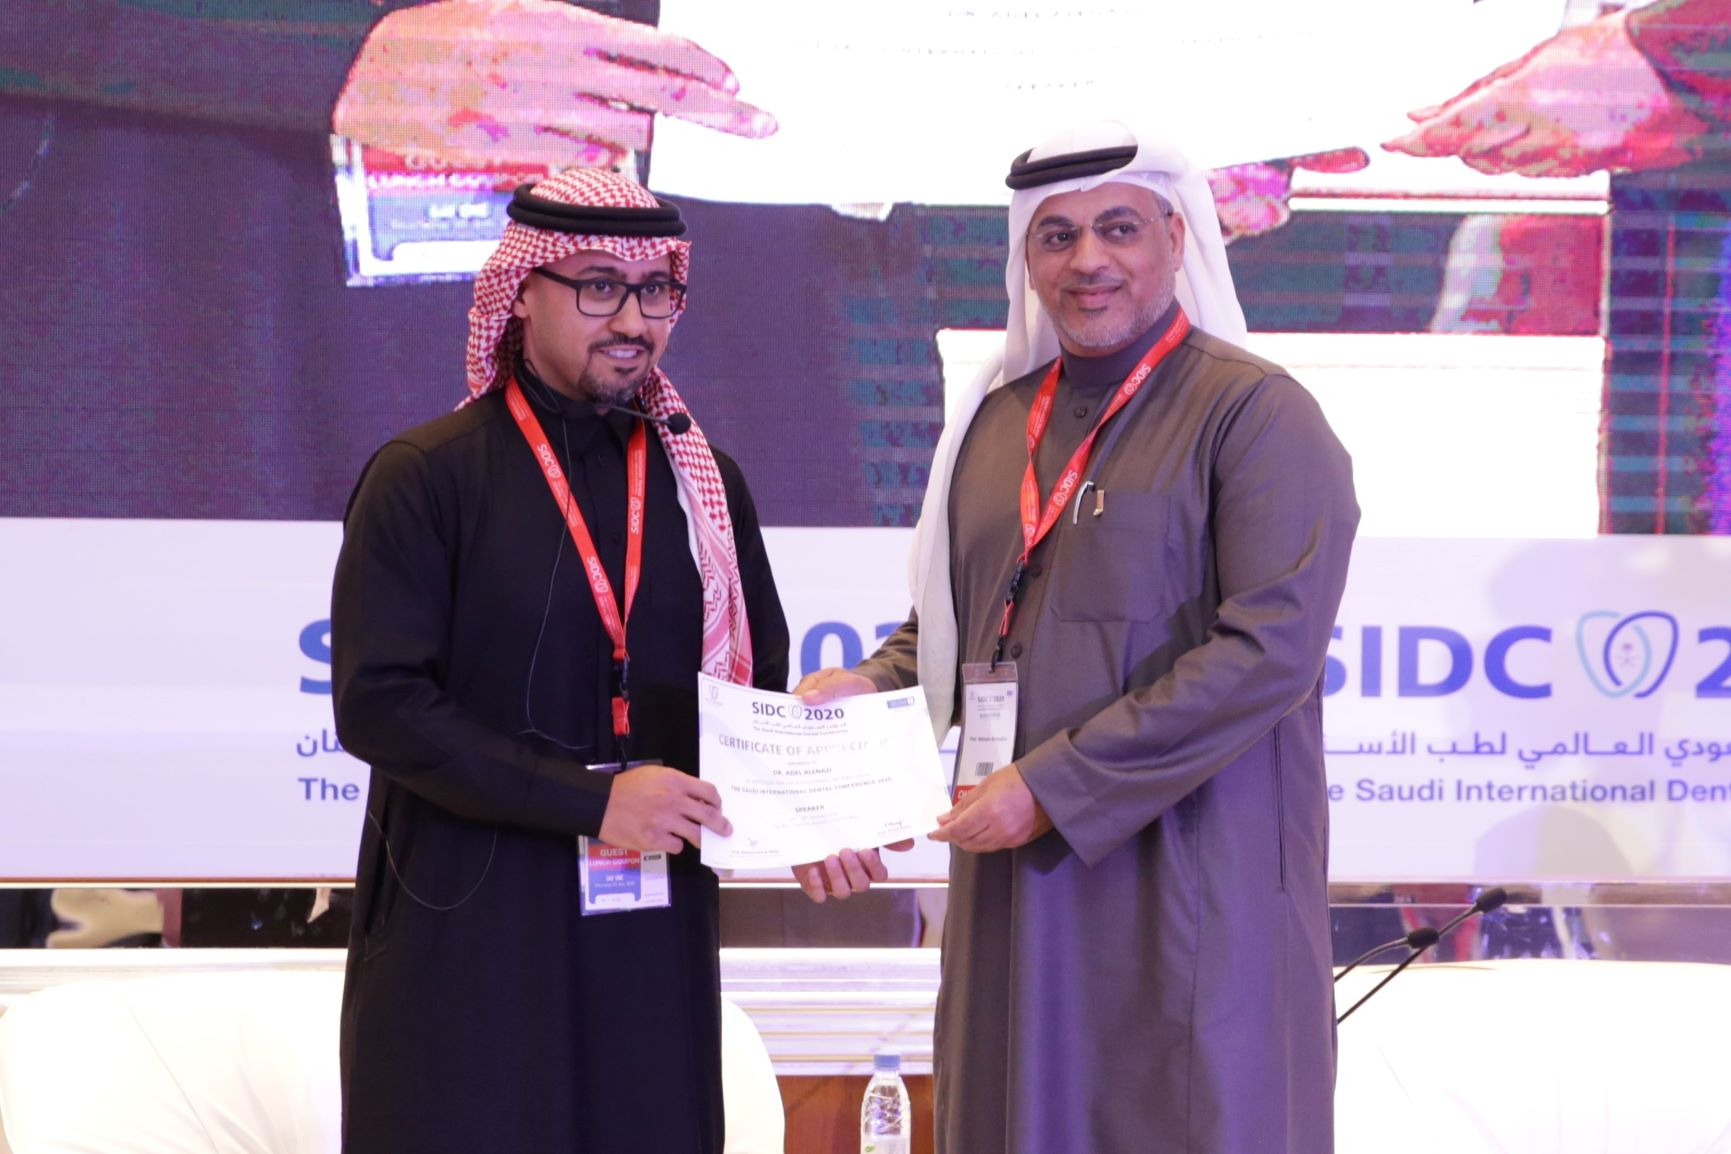 في المؤتمر السعودي العالمي لطب الأسنان 2020  عميد كلية طب الأسنان يترأس جلسة جراحة الوجه والفكين